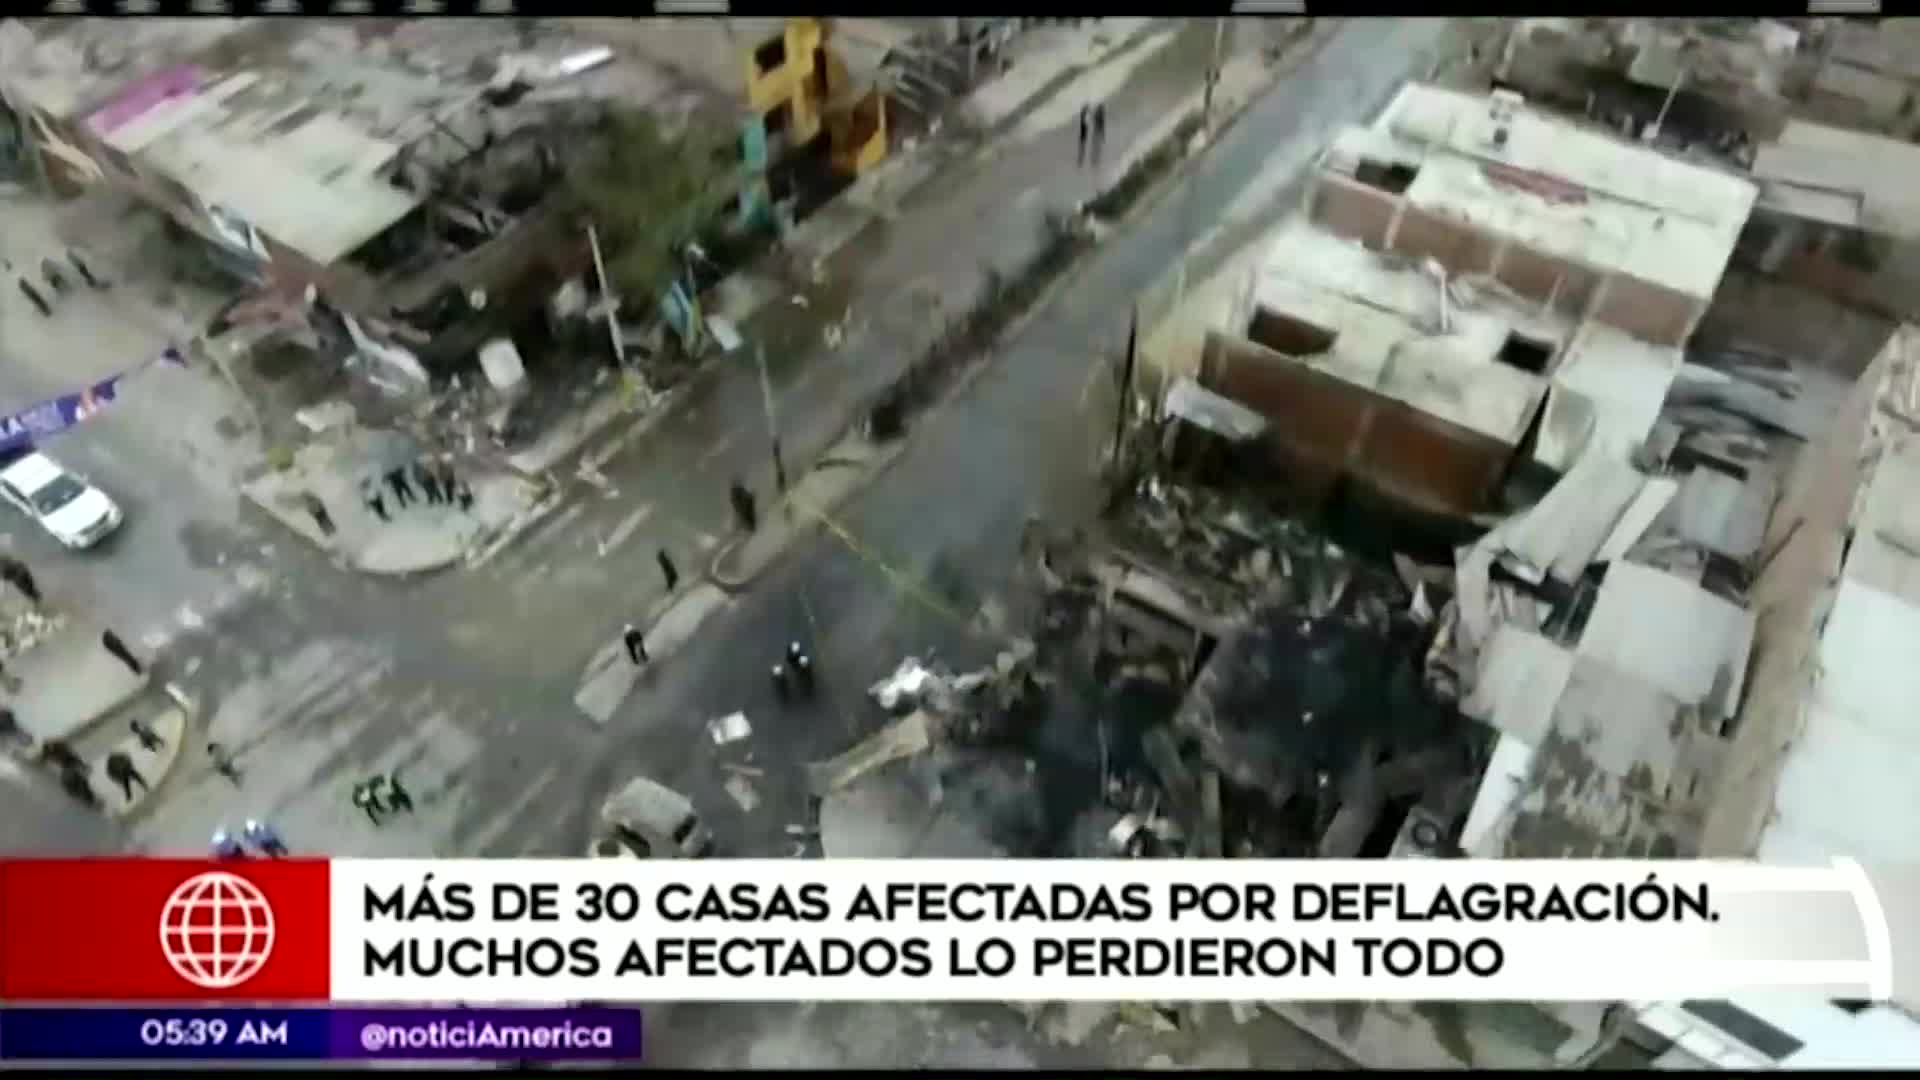 Tragedia en VES: más de 30 viviendas fueron afectadas por la explosión